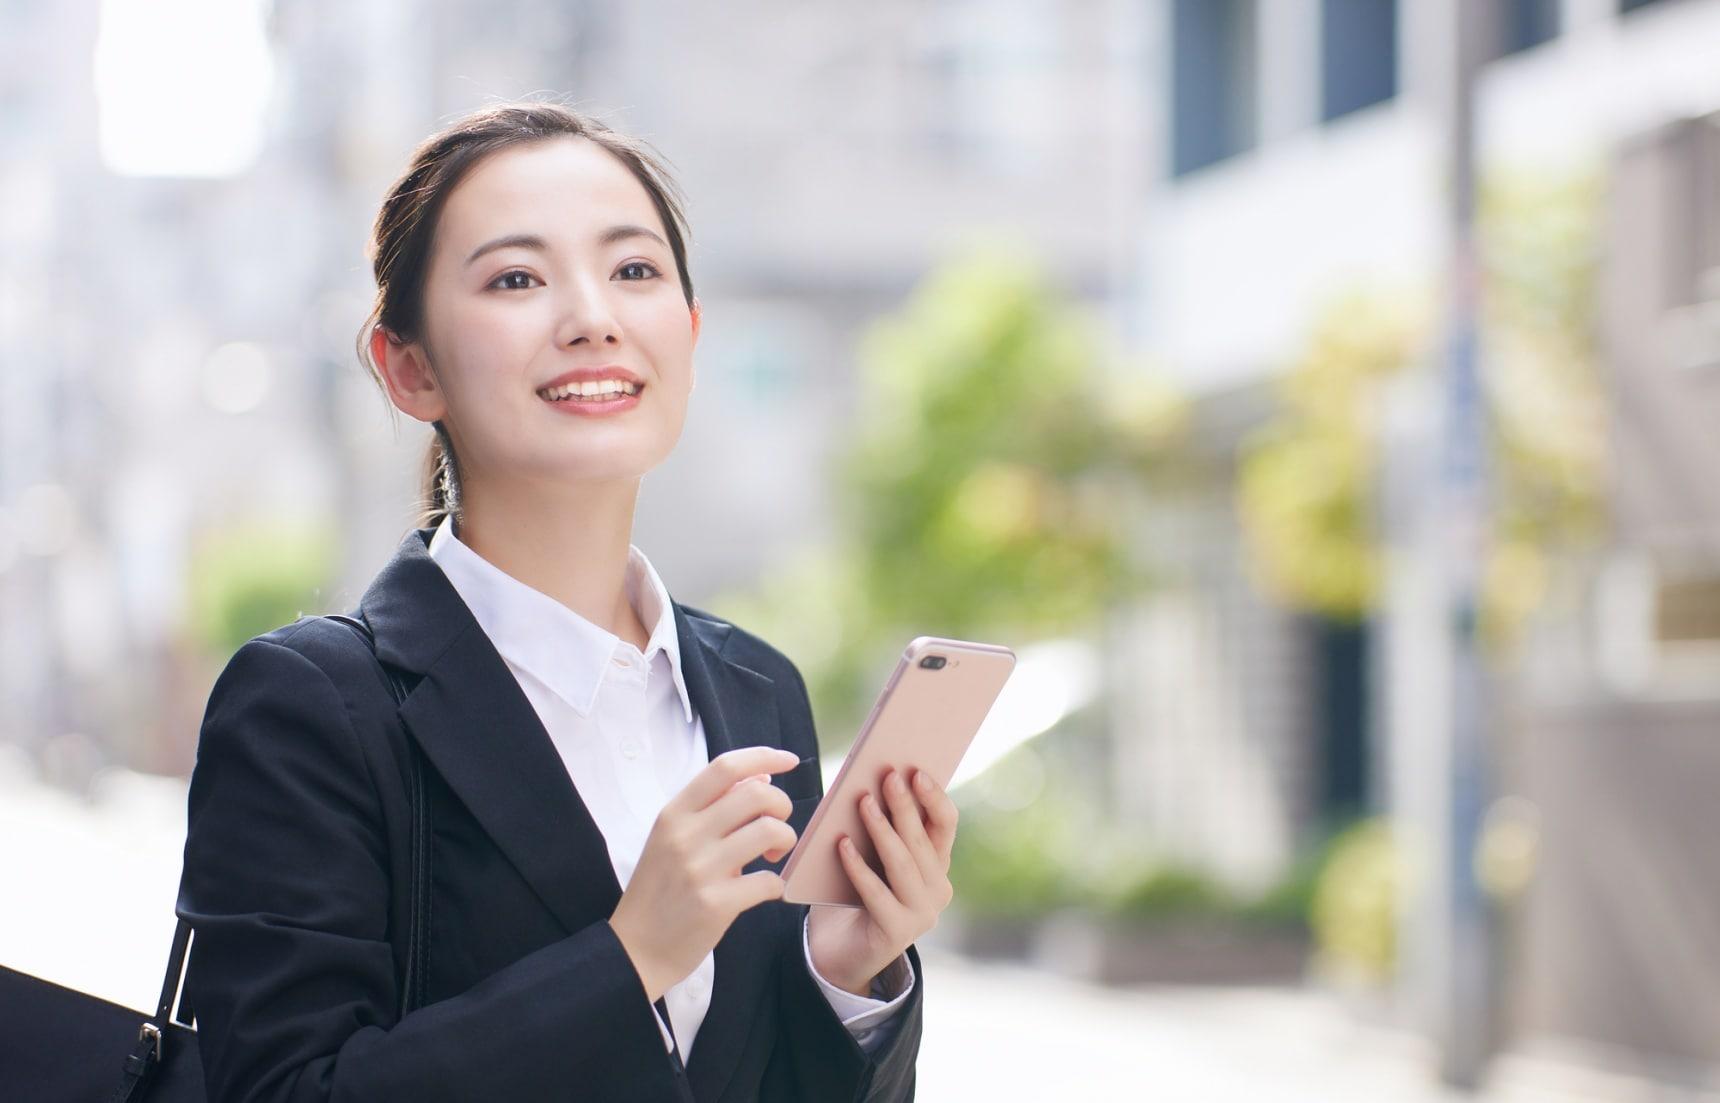 """深度日本:如何在日本找工作?""""就职活动""""背后的那些潜规则..."""